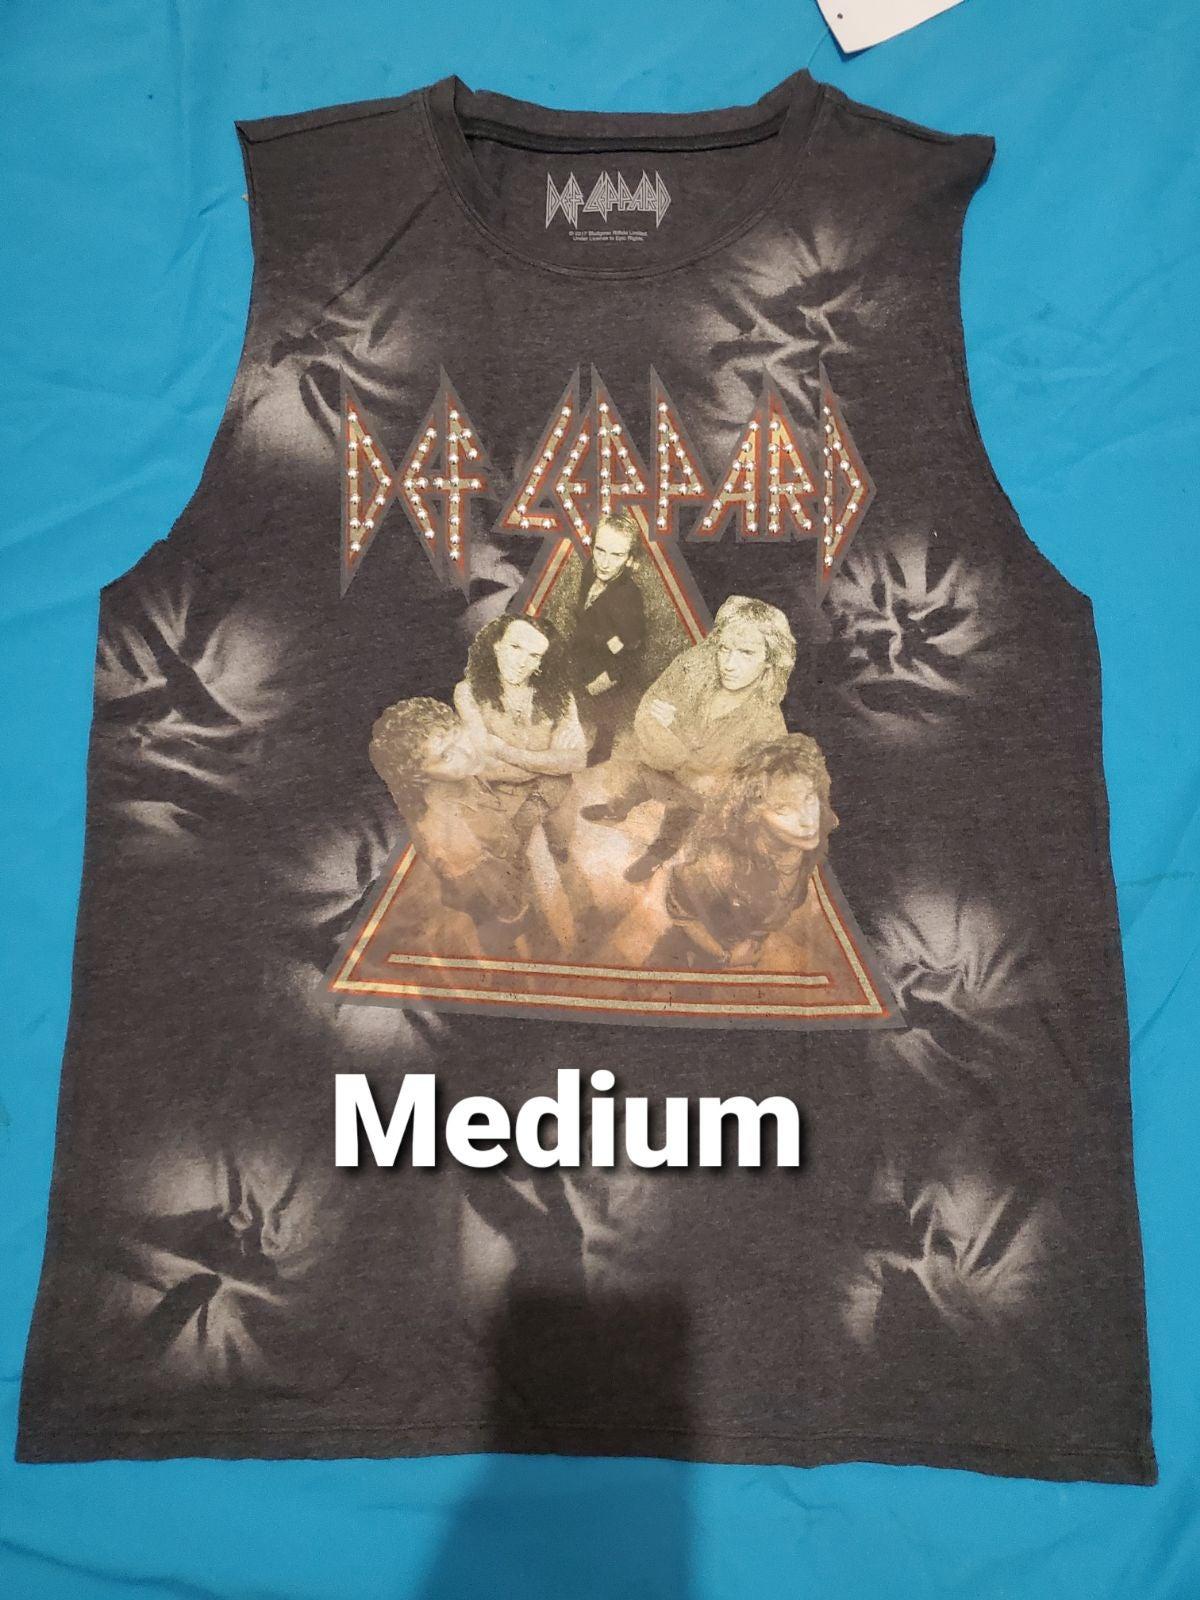 Def Leppard sleeveless shirt